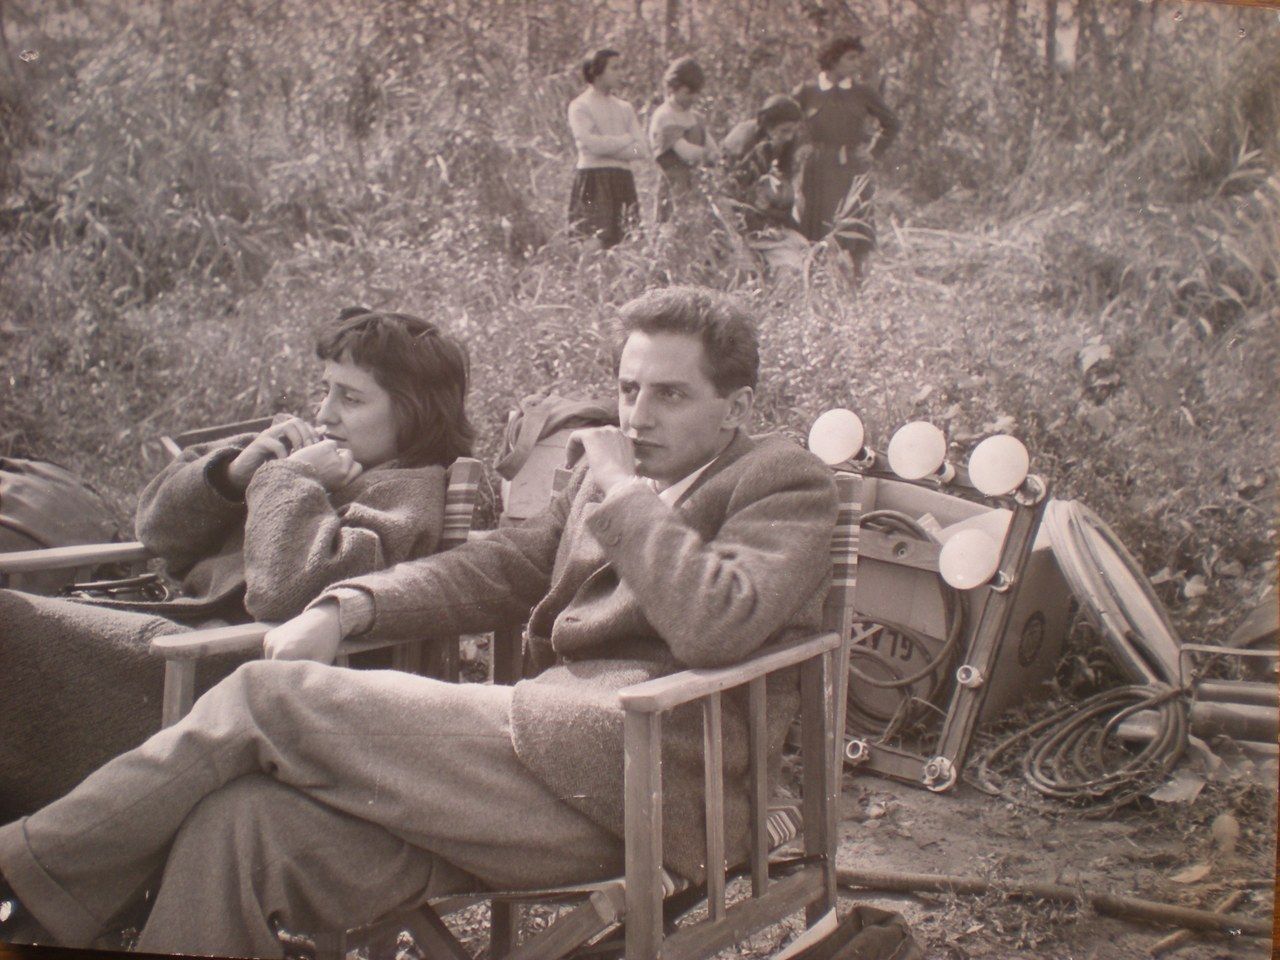 Sapienza sul set con Maselli © Archivio Sapienza Pellegrino